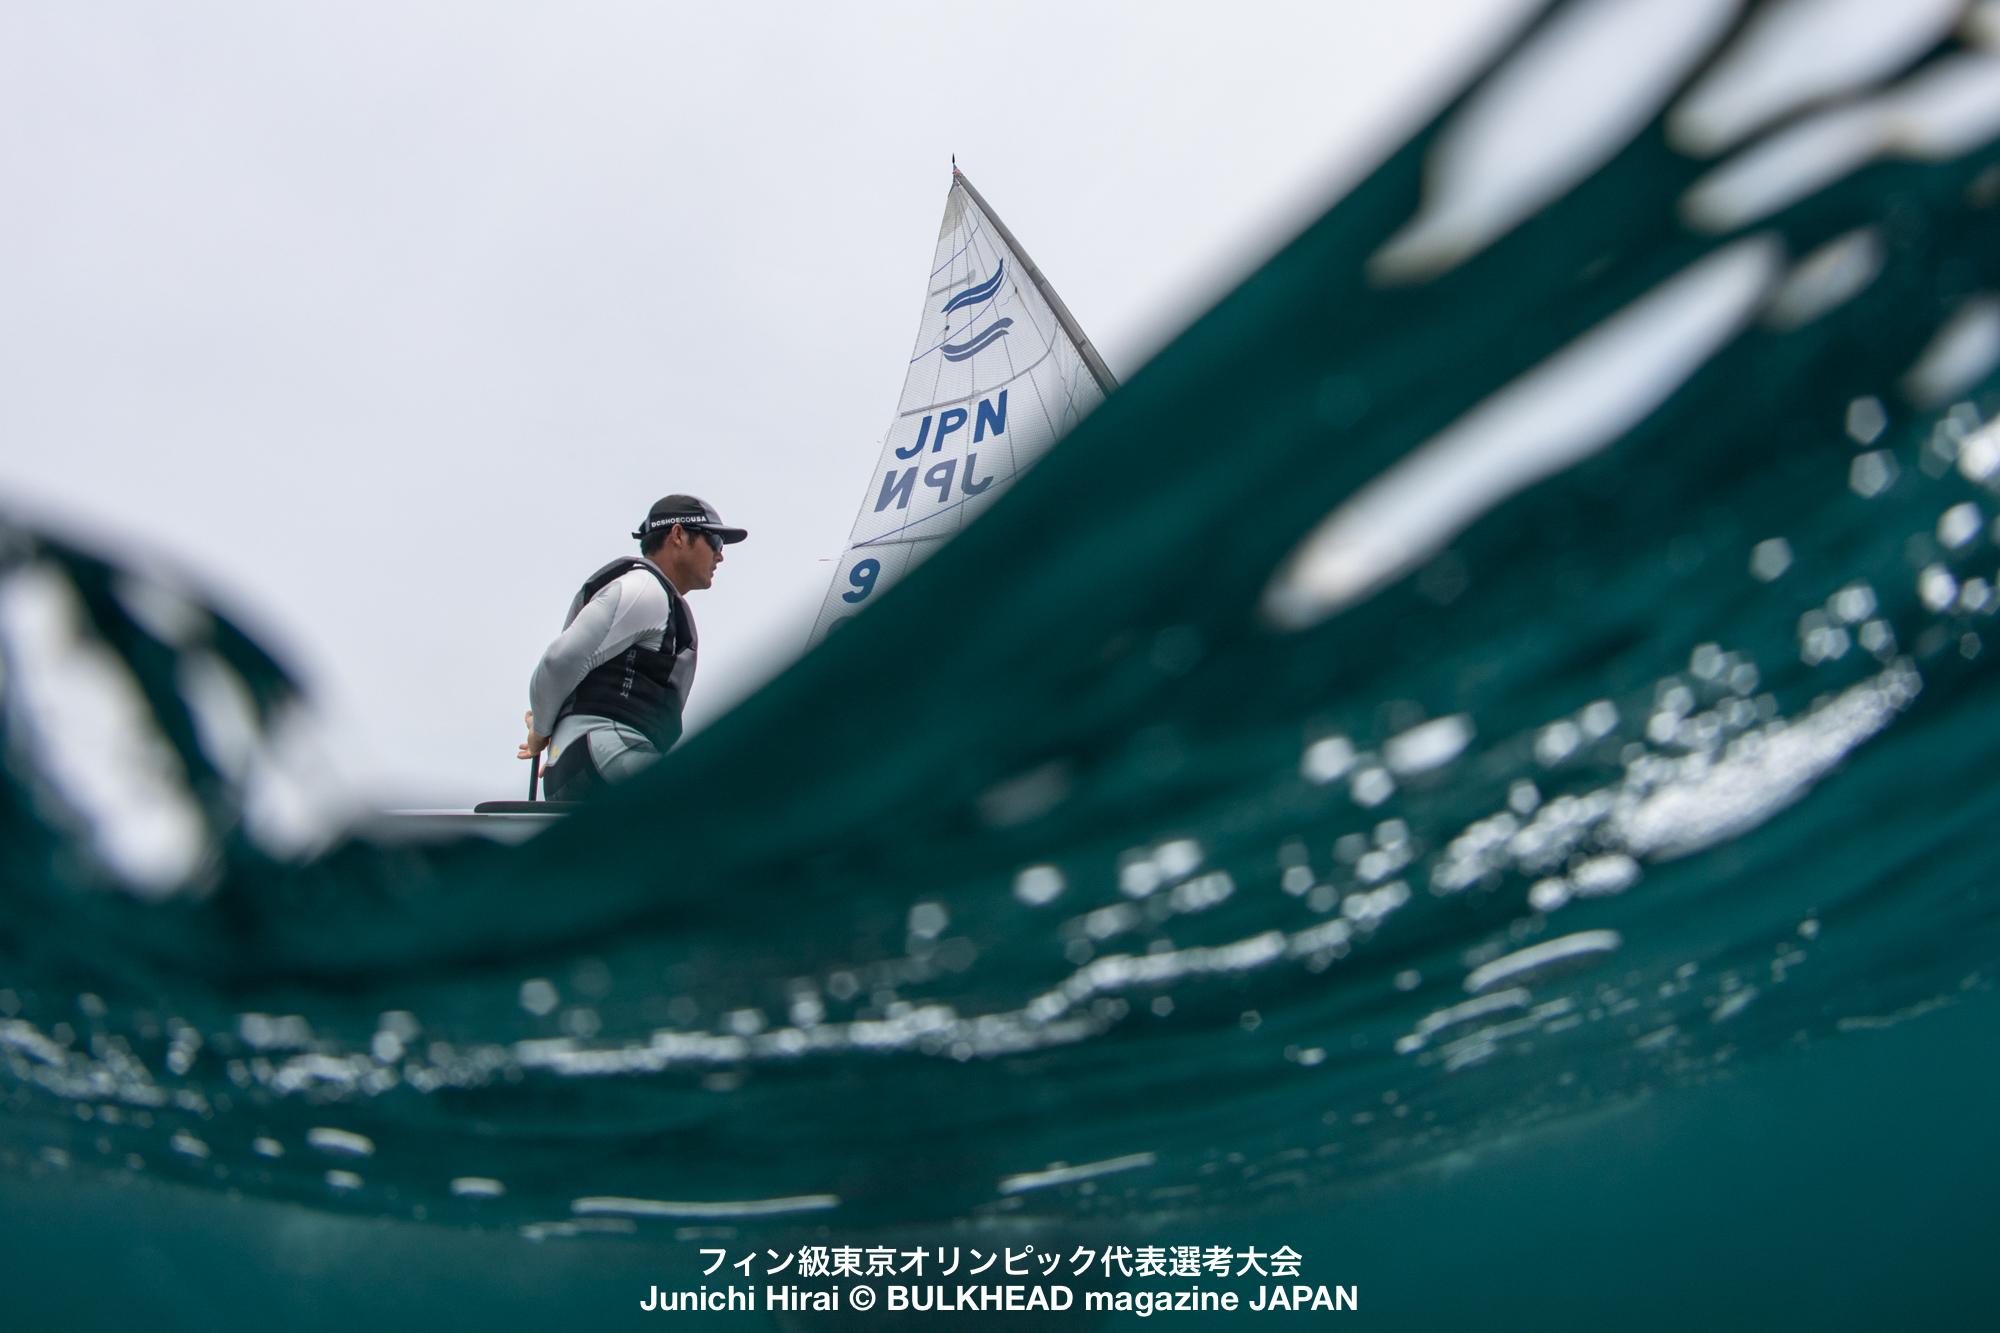 風に恵まれ全12レース完了。フィン級東京五輪代表選考最終日